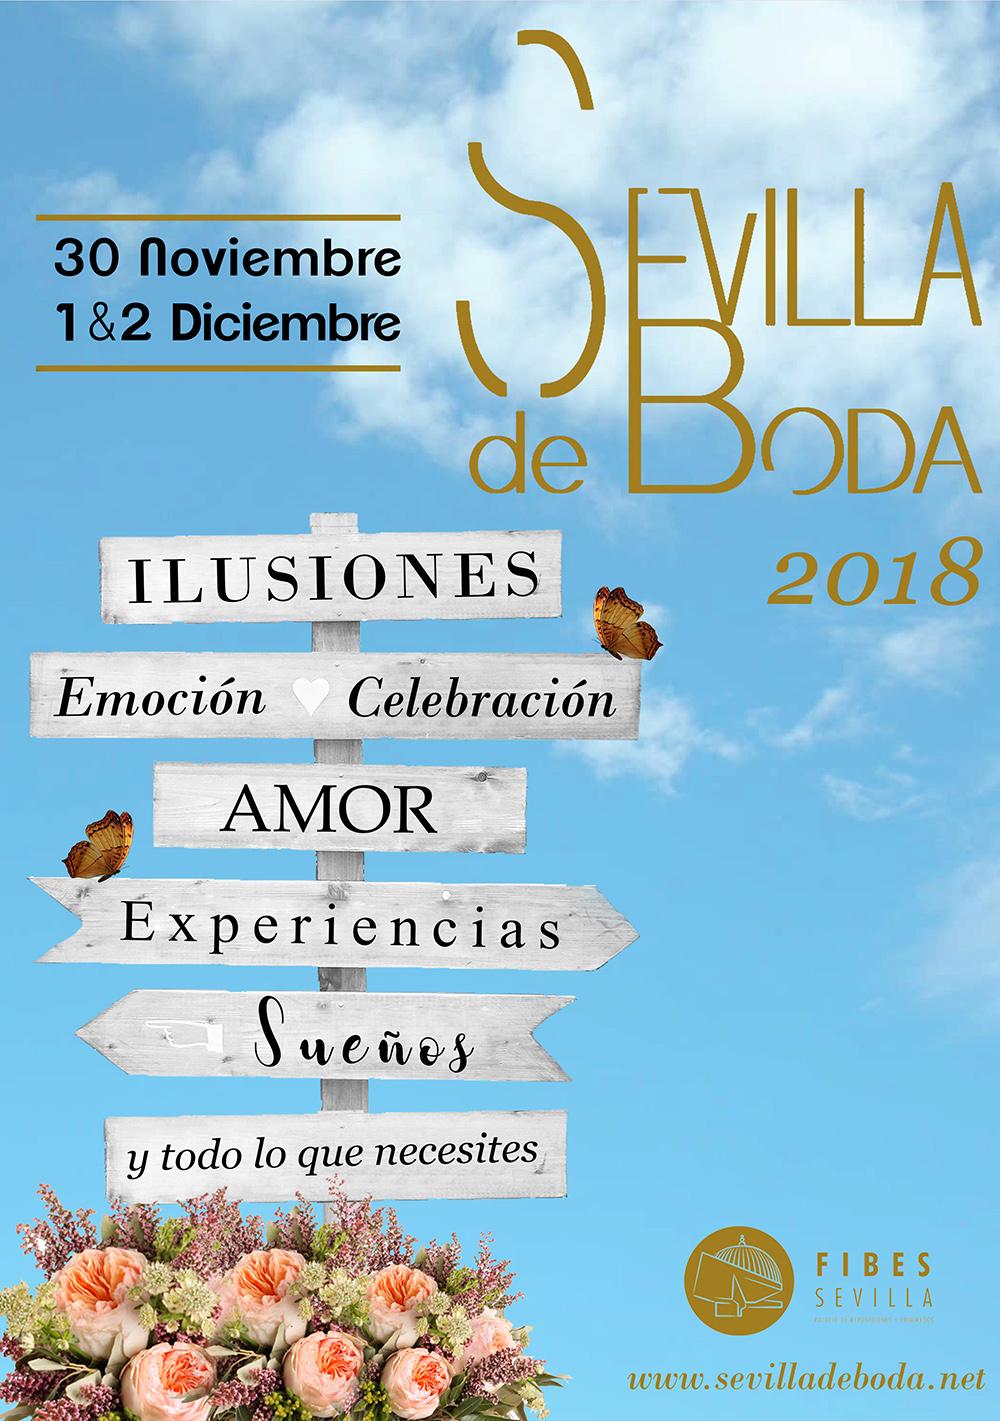 Sevilla de Bodas en Fibes 2018